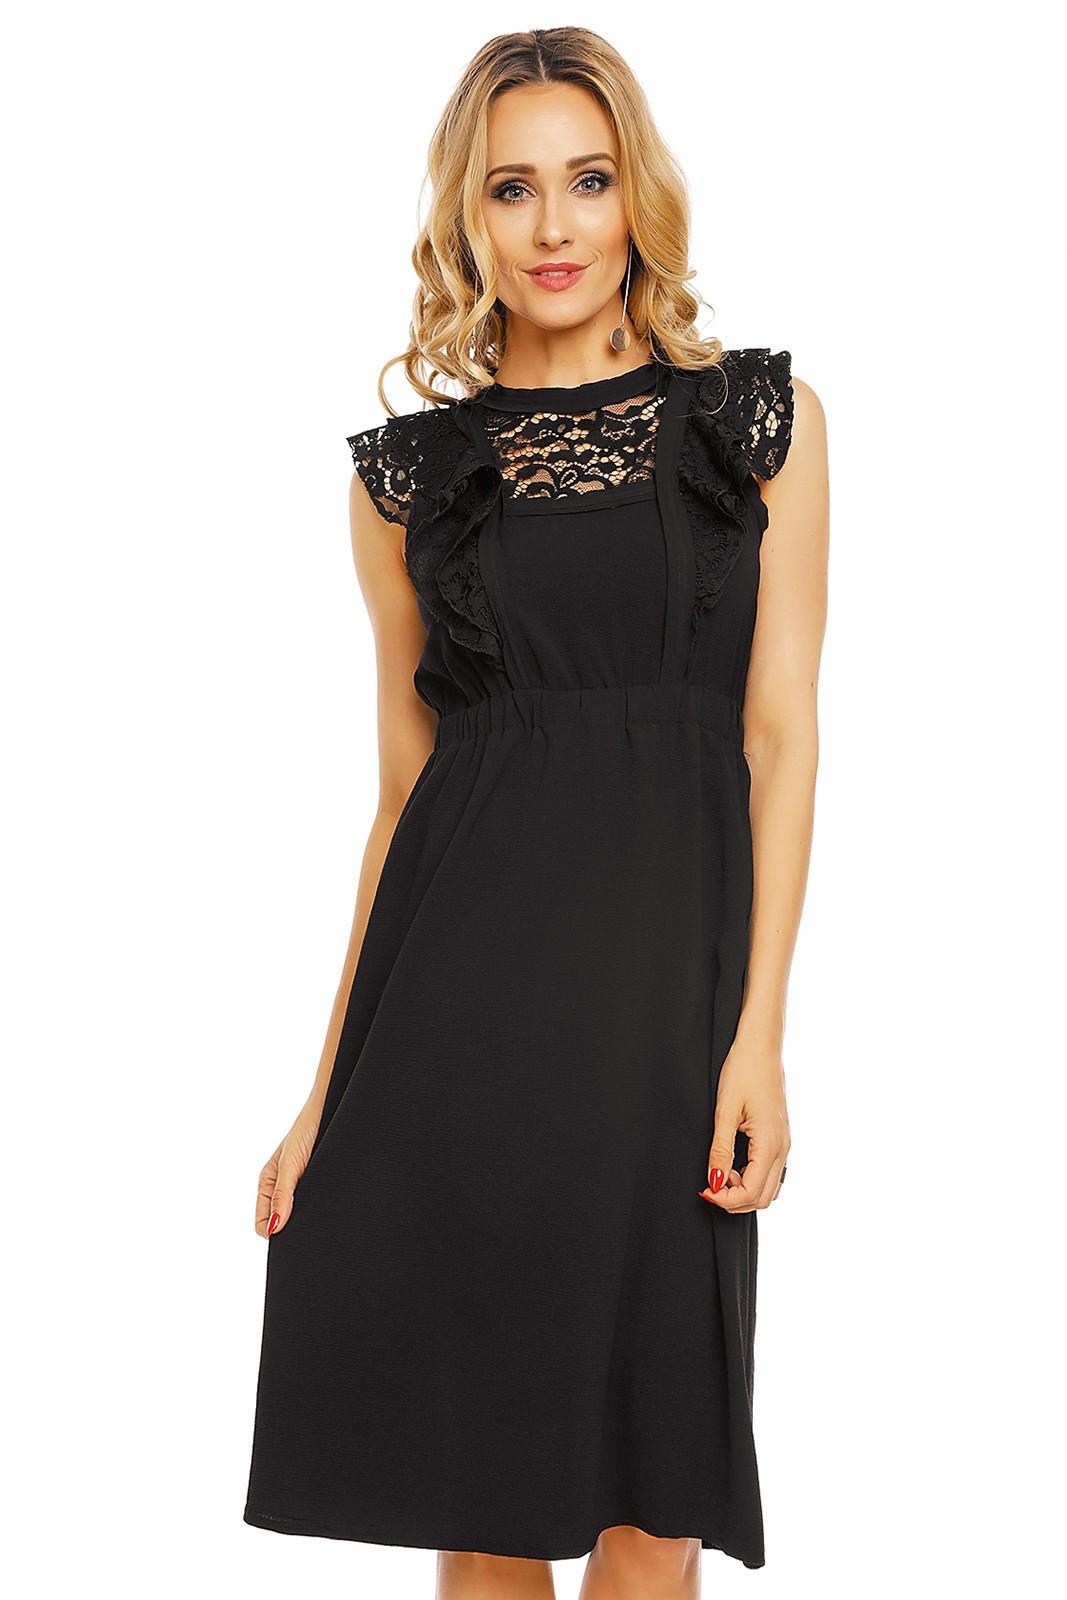 Dámske šaty s čipkovaným rukávom stredne dlhé čierne - Čierna - Elli White černá S/M